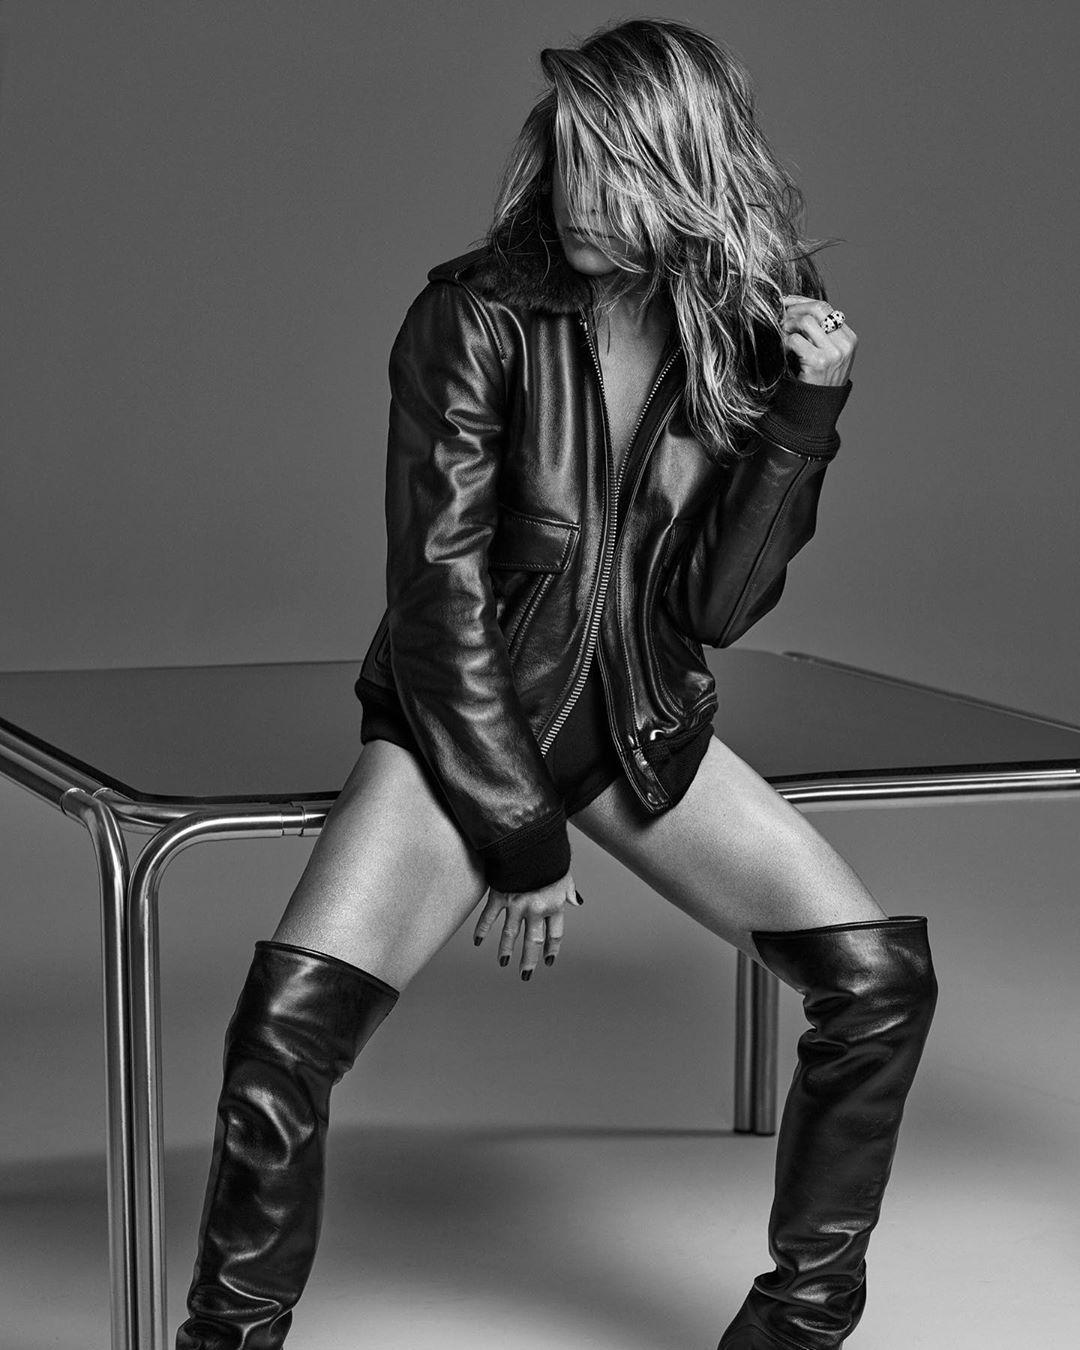 На обложке она позирует в кожаной куртке на голое тело / Instagram Дженнифер Энистон